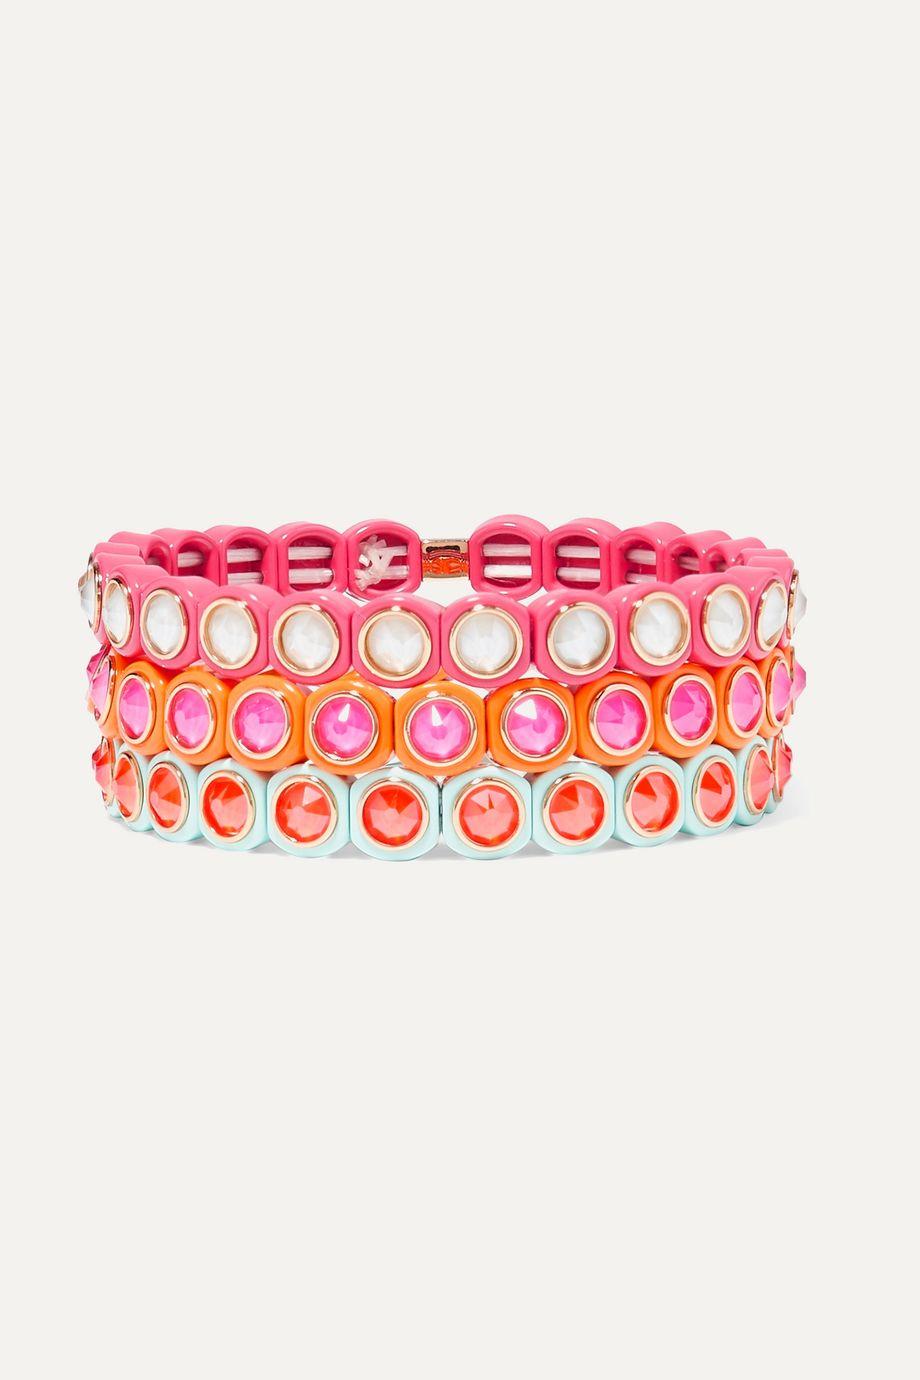 록산느 애슐린 팔찌 Roxanne Assoulin Mini Me set of three neon enamel and Swarovski crystal bracelets,Pink